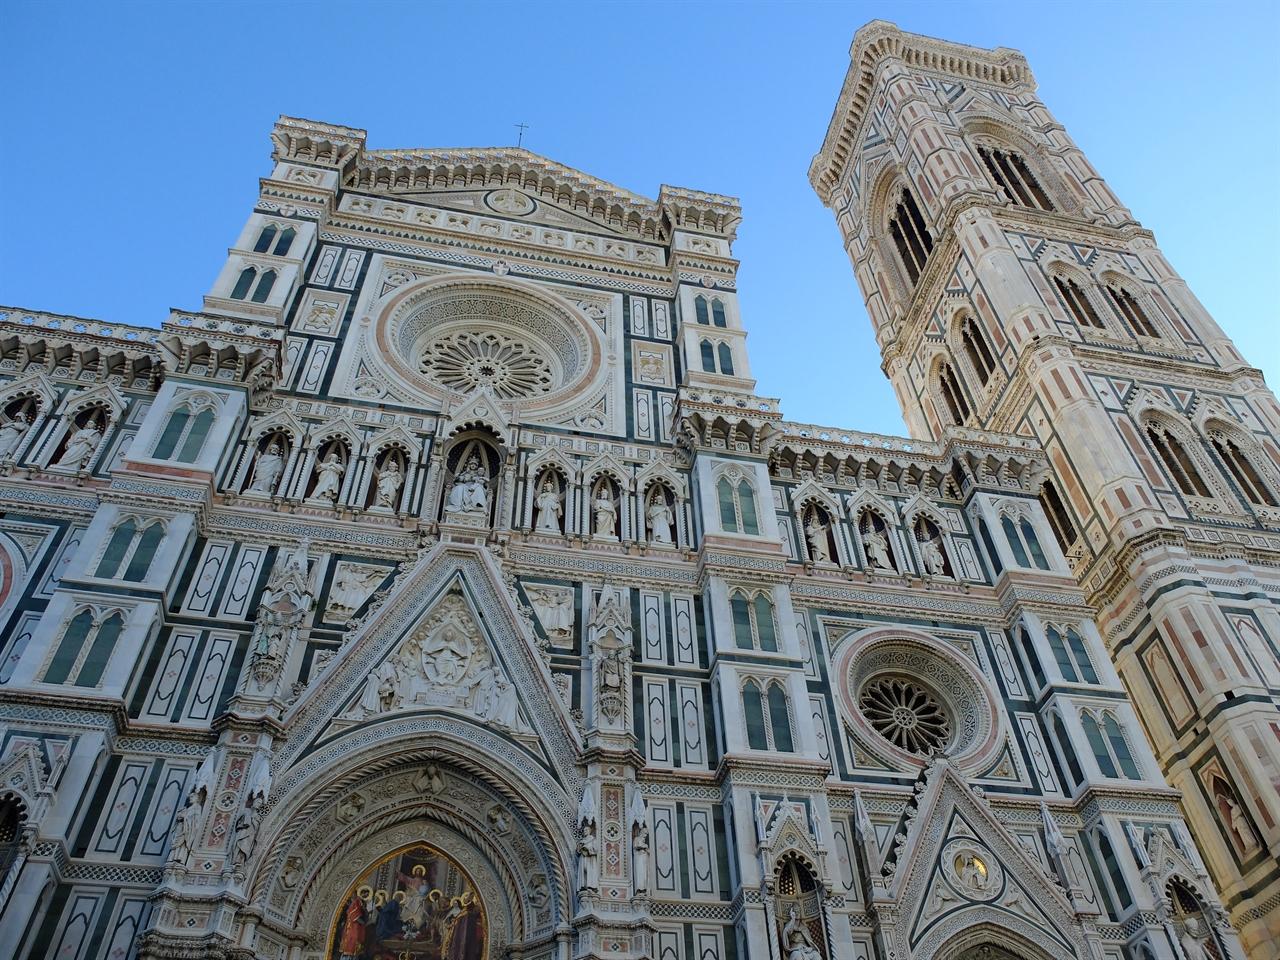 두오모의 파사드와 종탑 산타 마리아 델 피오레 성당의 파사드(정면). 오른쪽은 어제 만난 '지오토의 종탑'입니다. 19세기 말에 겨우 완성된 파사드와 500년 가까이 차이가 나는 종탑이 잘 어울리지만, 간혹 지나치게 화려한 파사드라고 비판받기도 합니다.